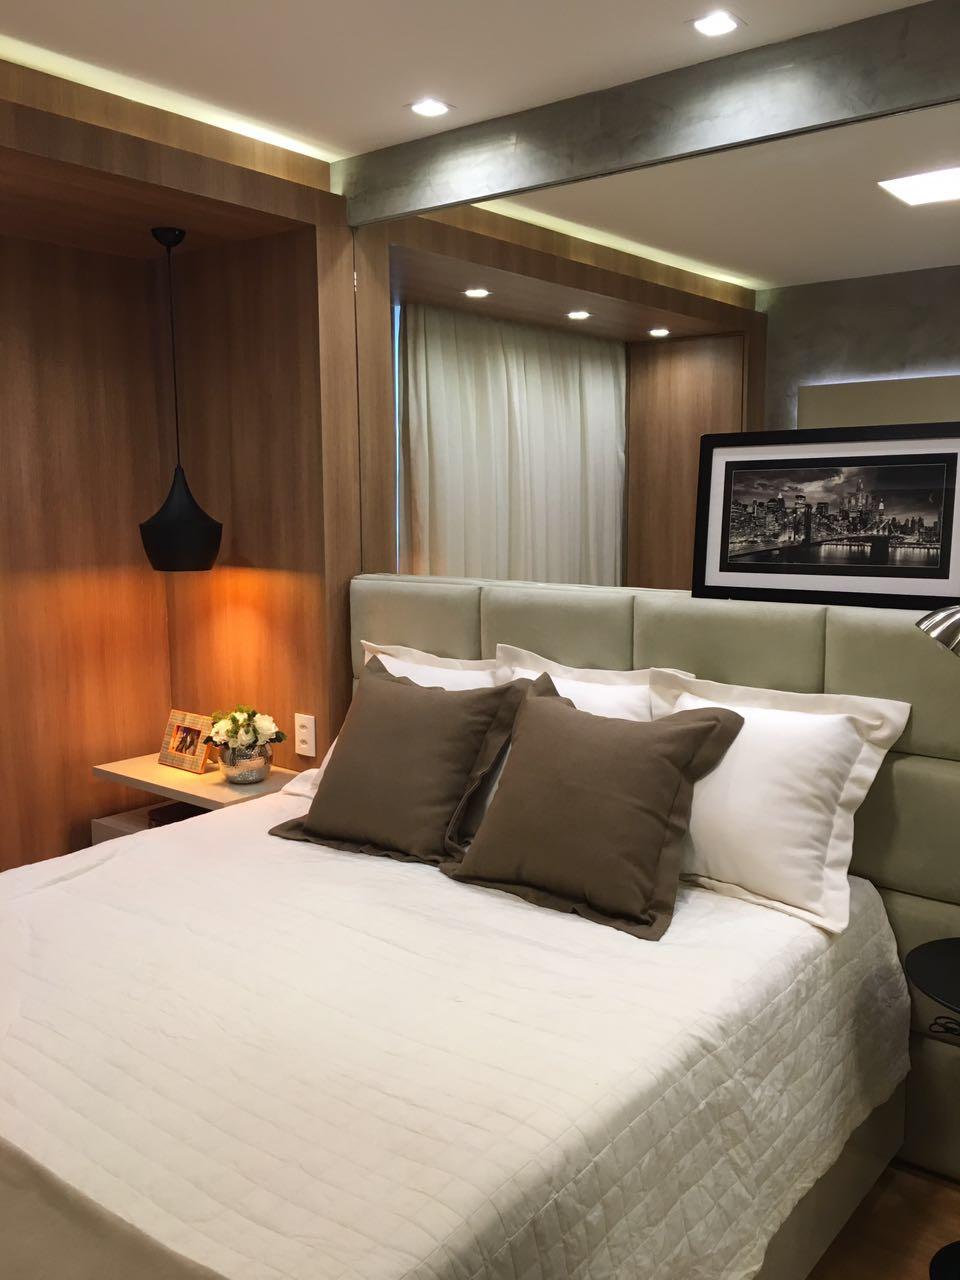 Decora O De Apartamento De 50m2 Super Compacto Mais Muito Bem  ~ Quarto Decorado Casal Pequeno E Quarto De Visita Pequeno